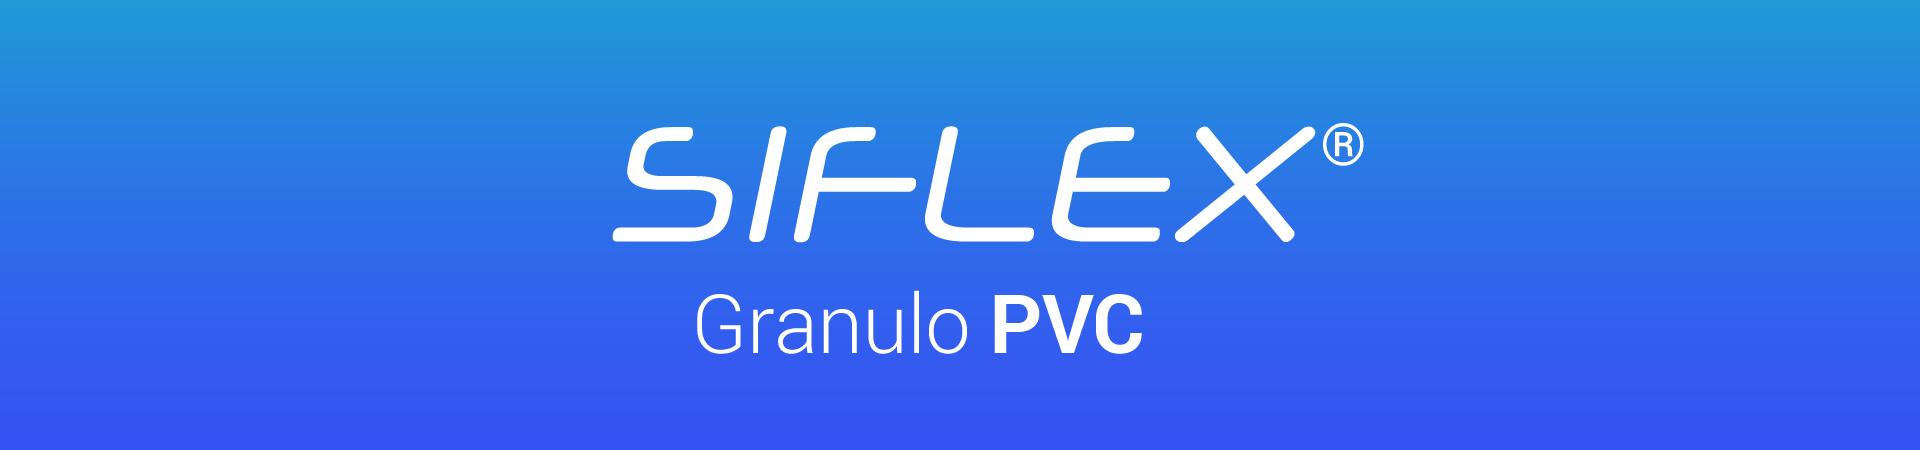 Siflex-Granulo-scritta-testata